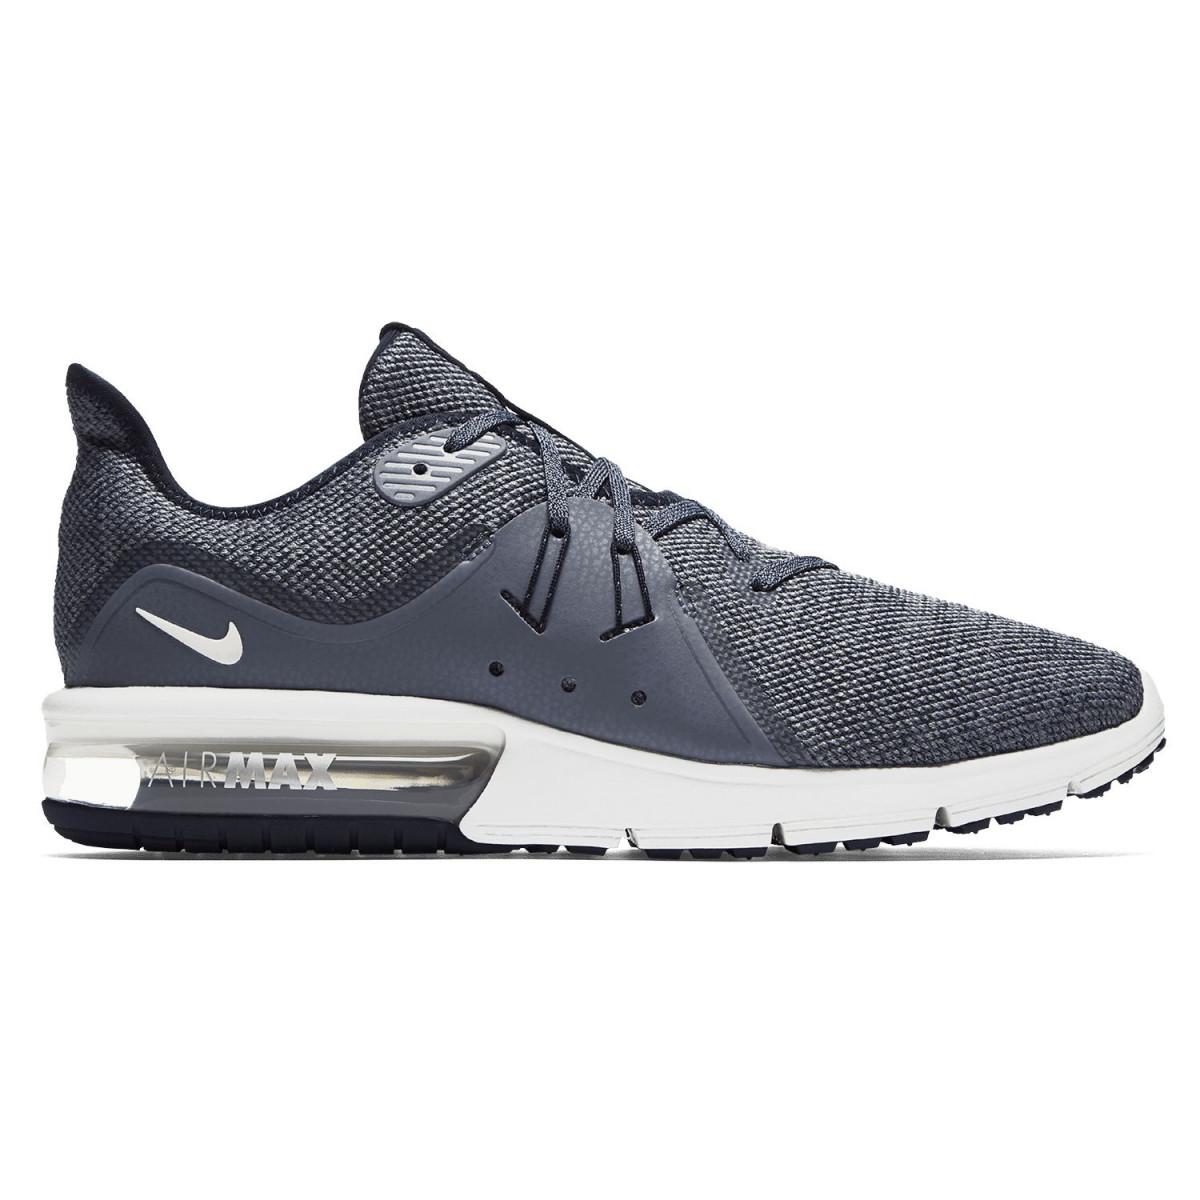 8a2ad4f220914 Zapatillas Nike Air Max Sequent 3 - Oferta